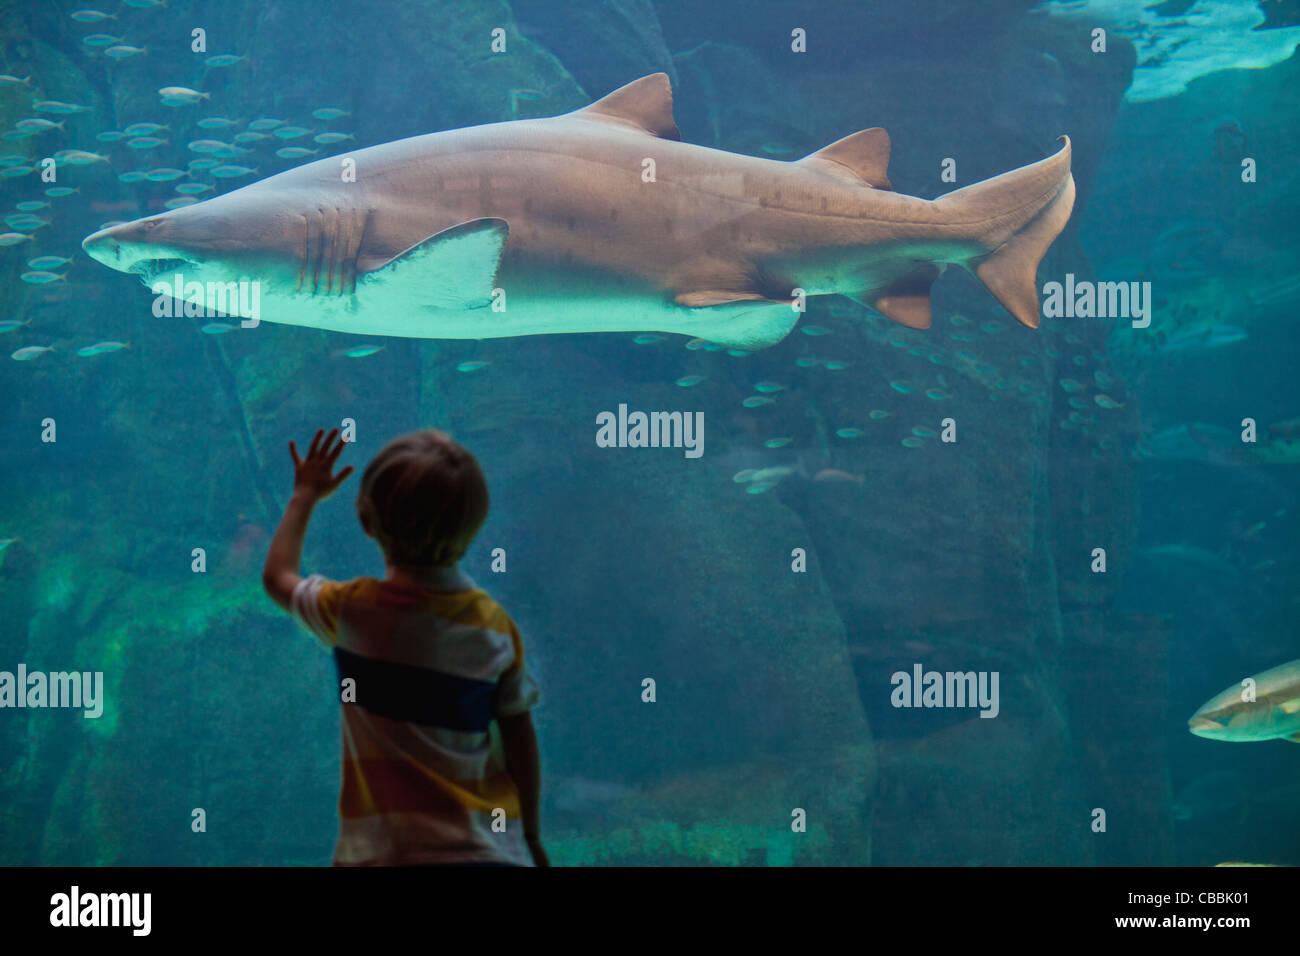 Garçon admirer dans l'aquarium des requins Photo Stock